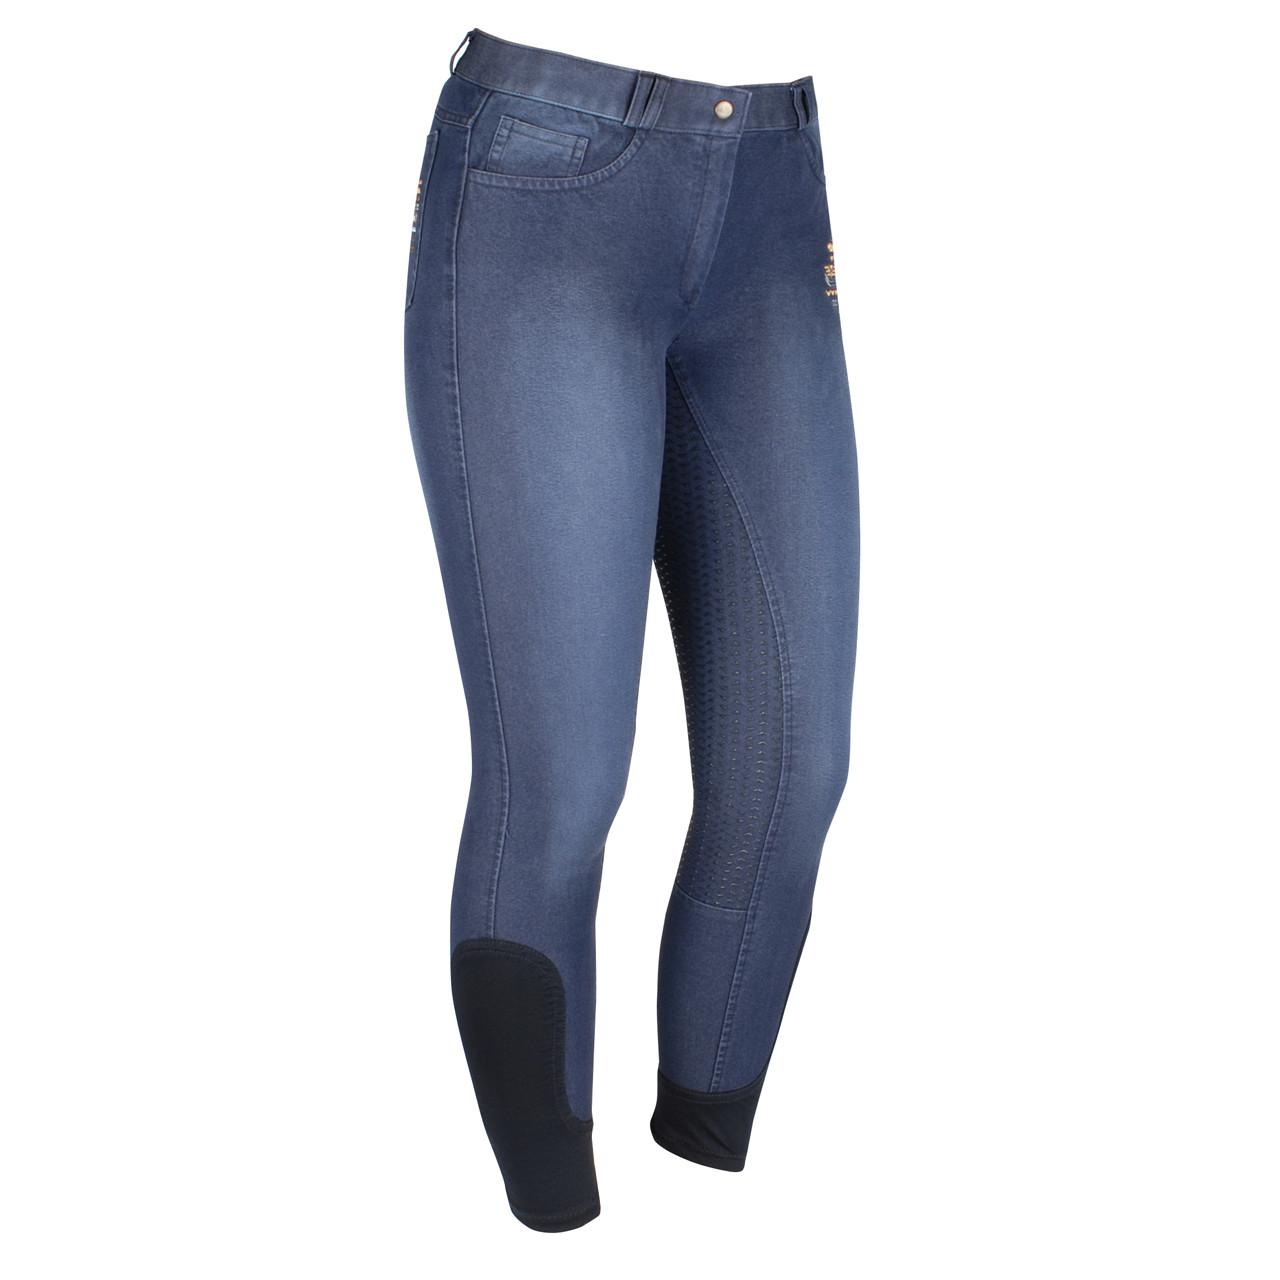 Mondoni Eivissa rijbroek jeans maat:38